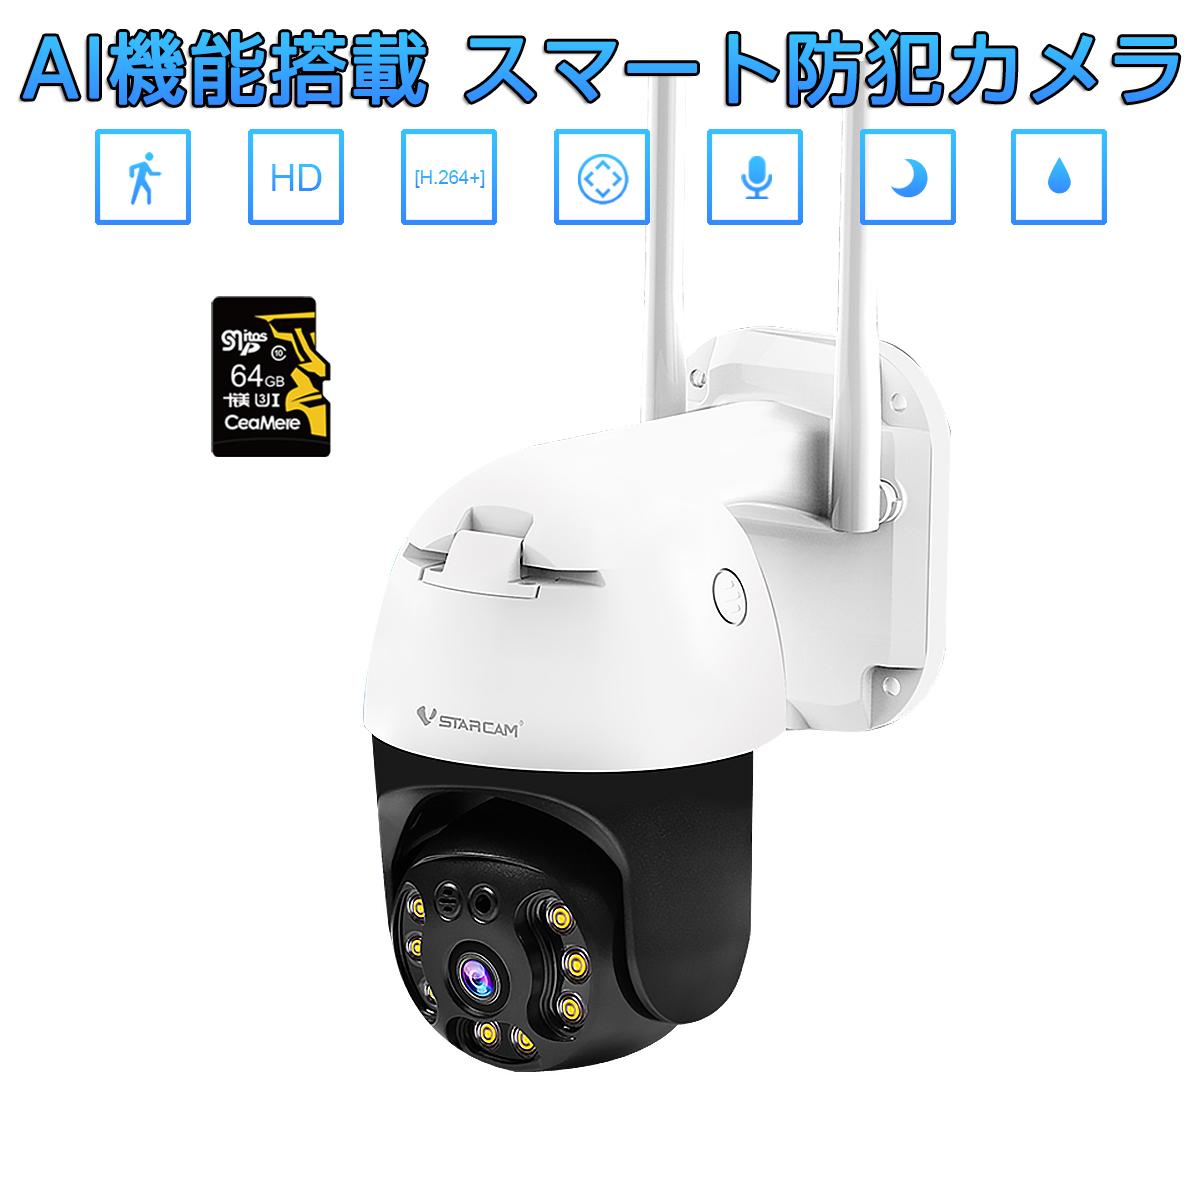 防犯カメラ ワイヤレス CS64 SDカード64GB同梱モデル VStarcam 2K 1296p 300万画素 夜でもフルカラー録画 人体検知 動体検知 ONVIF対応 ペット wifi 無線 APモード MicroSDカード録画 録音 遠隔監視 ネットワーク 屋内外兼用 IP カメラ 宅配便送料無料 PSE 技適 6ヶ月保証